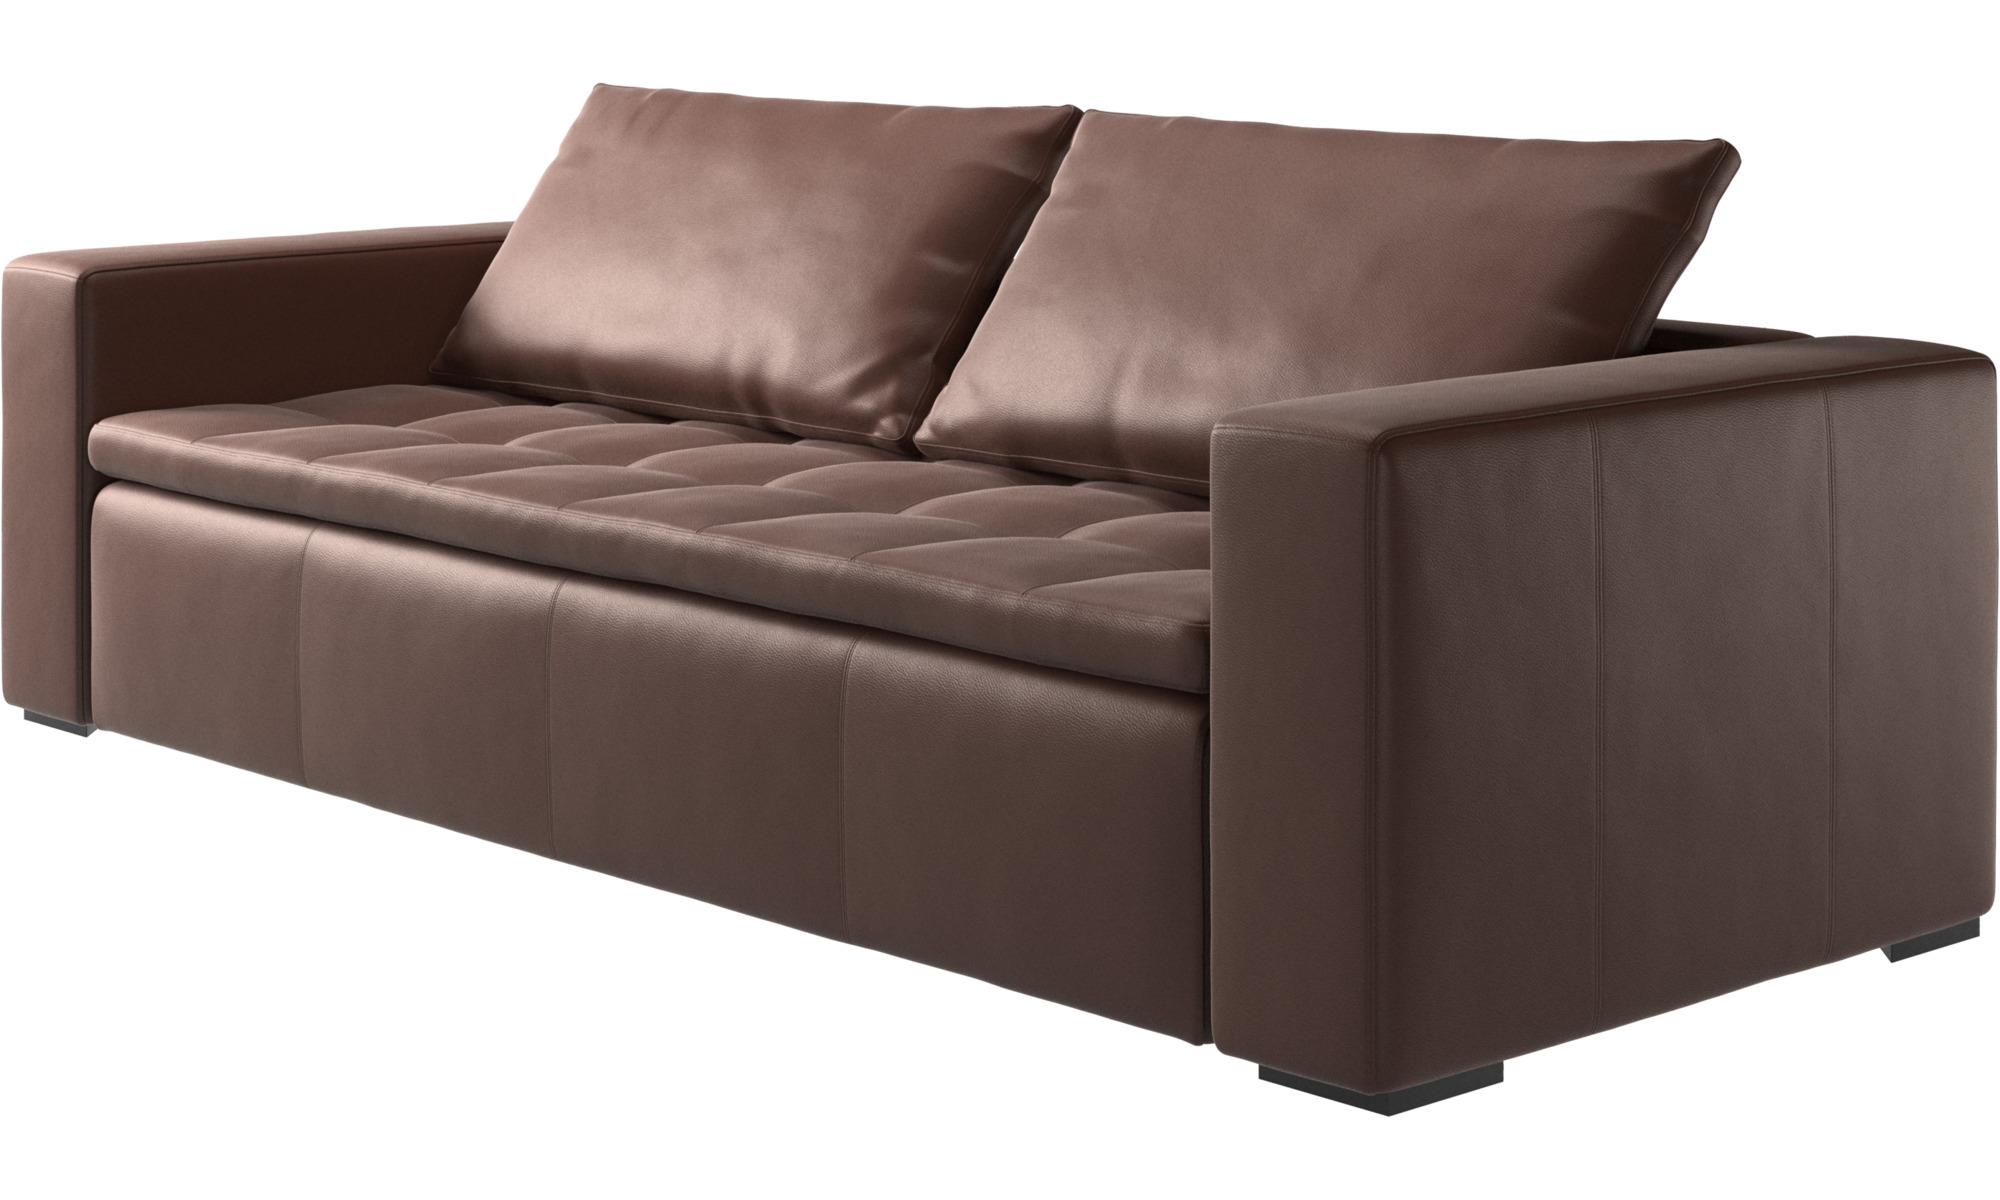 3 seater sofas mezzo sofa boconcept - Sofa de piel ...